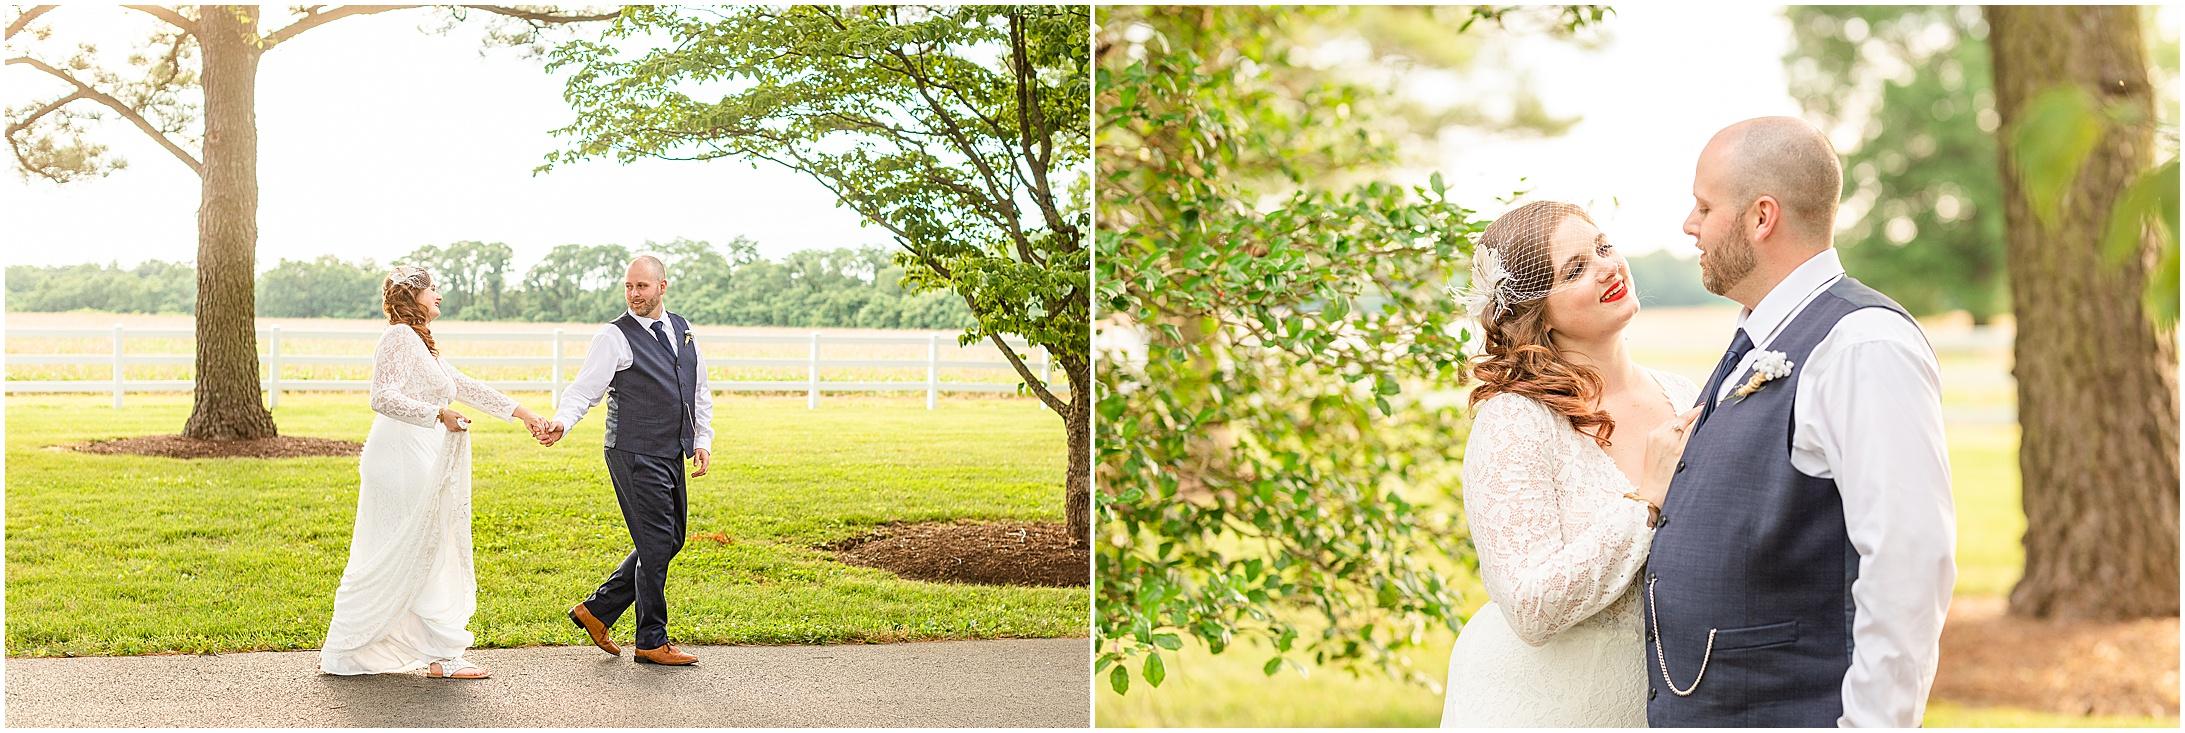 Brittland-Estates-Wedding-Photos_0503.jpg